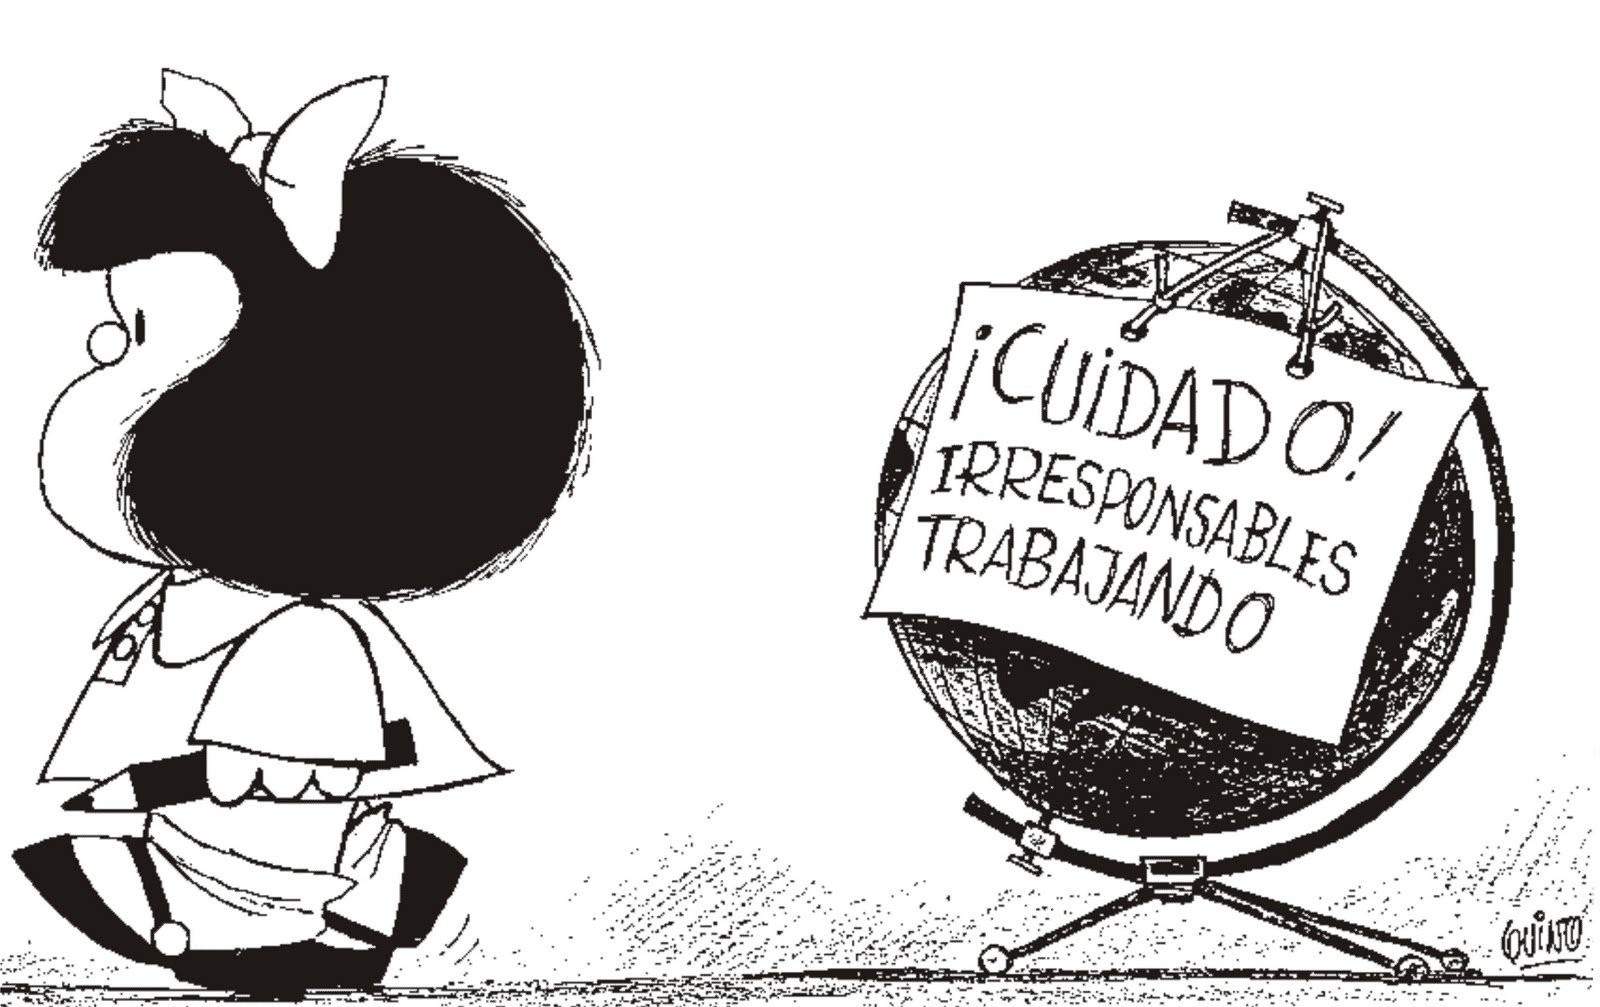 7 Tirinhas De Mafalda Para Refletir Sobre Os Tempos Atuais Revista Galileu Cultura